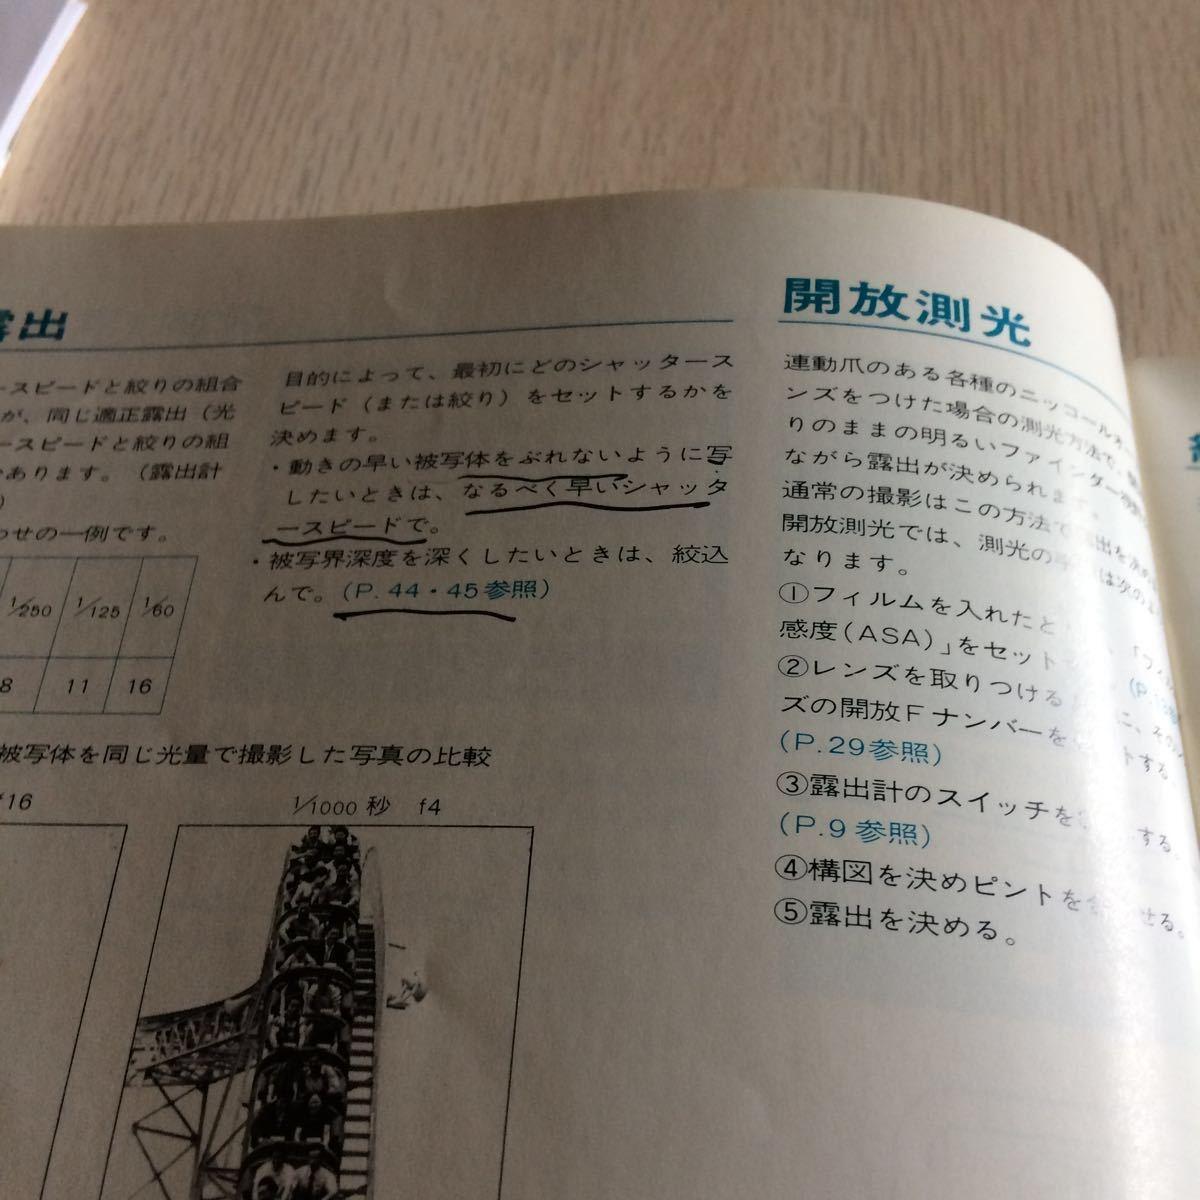 ニコン Nikon F2 取扱説明書 Nikonスピードライト_画像4